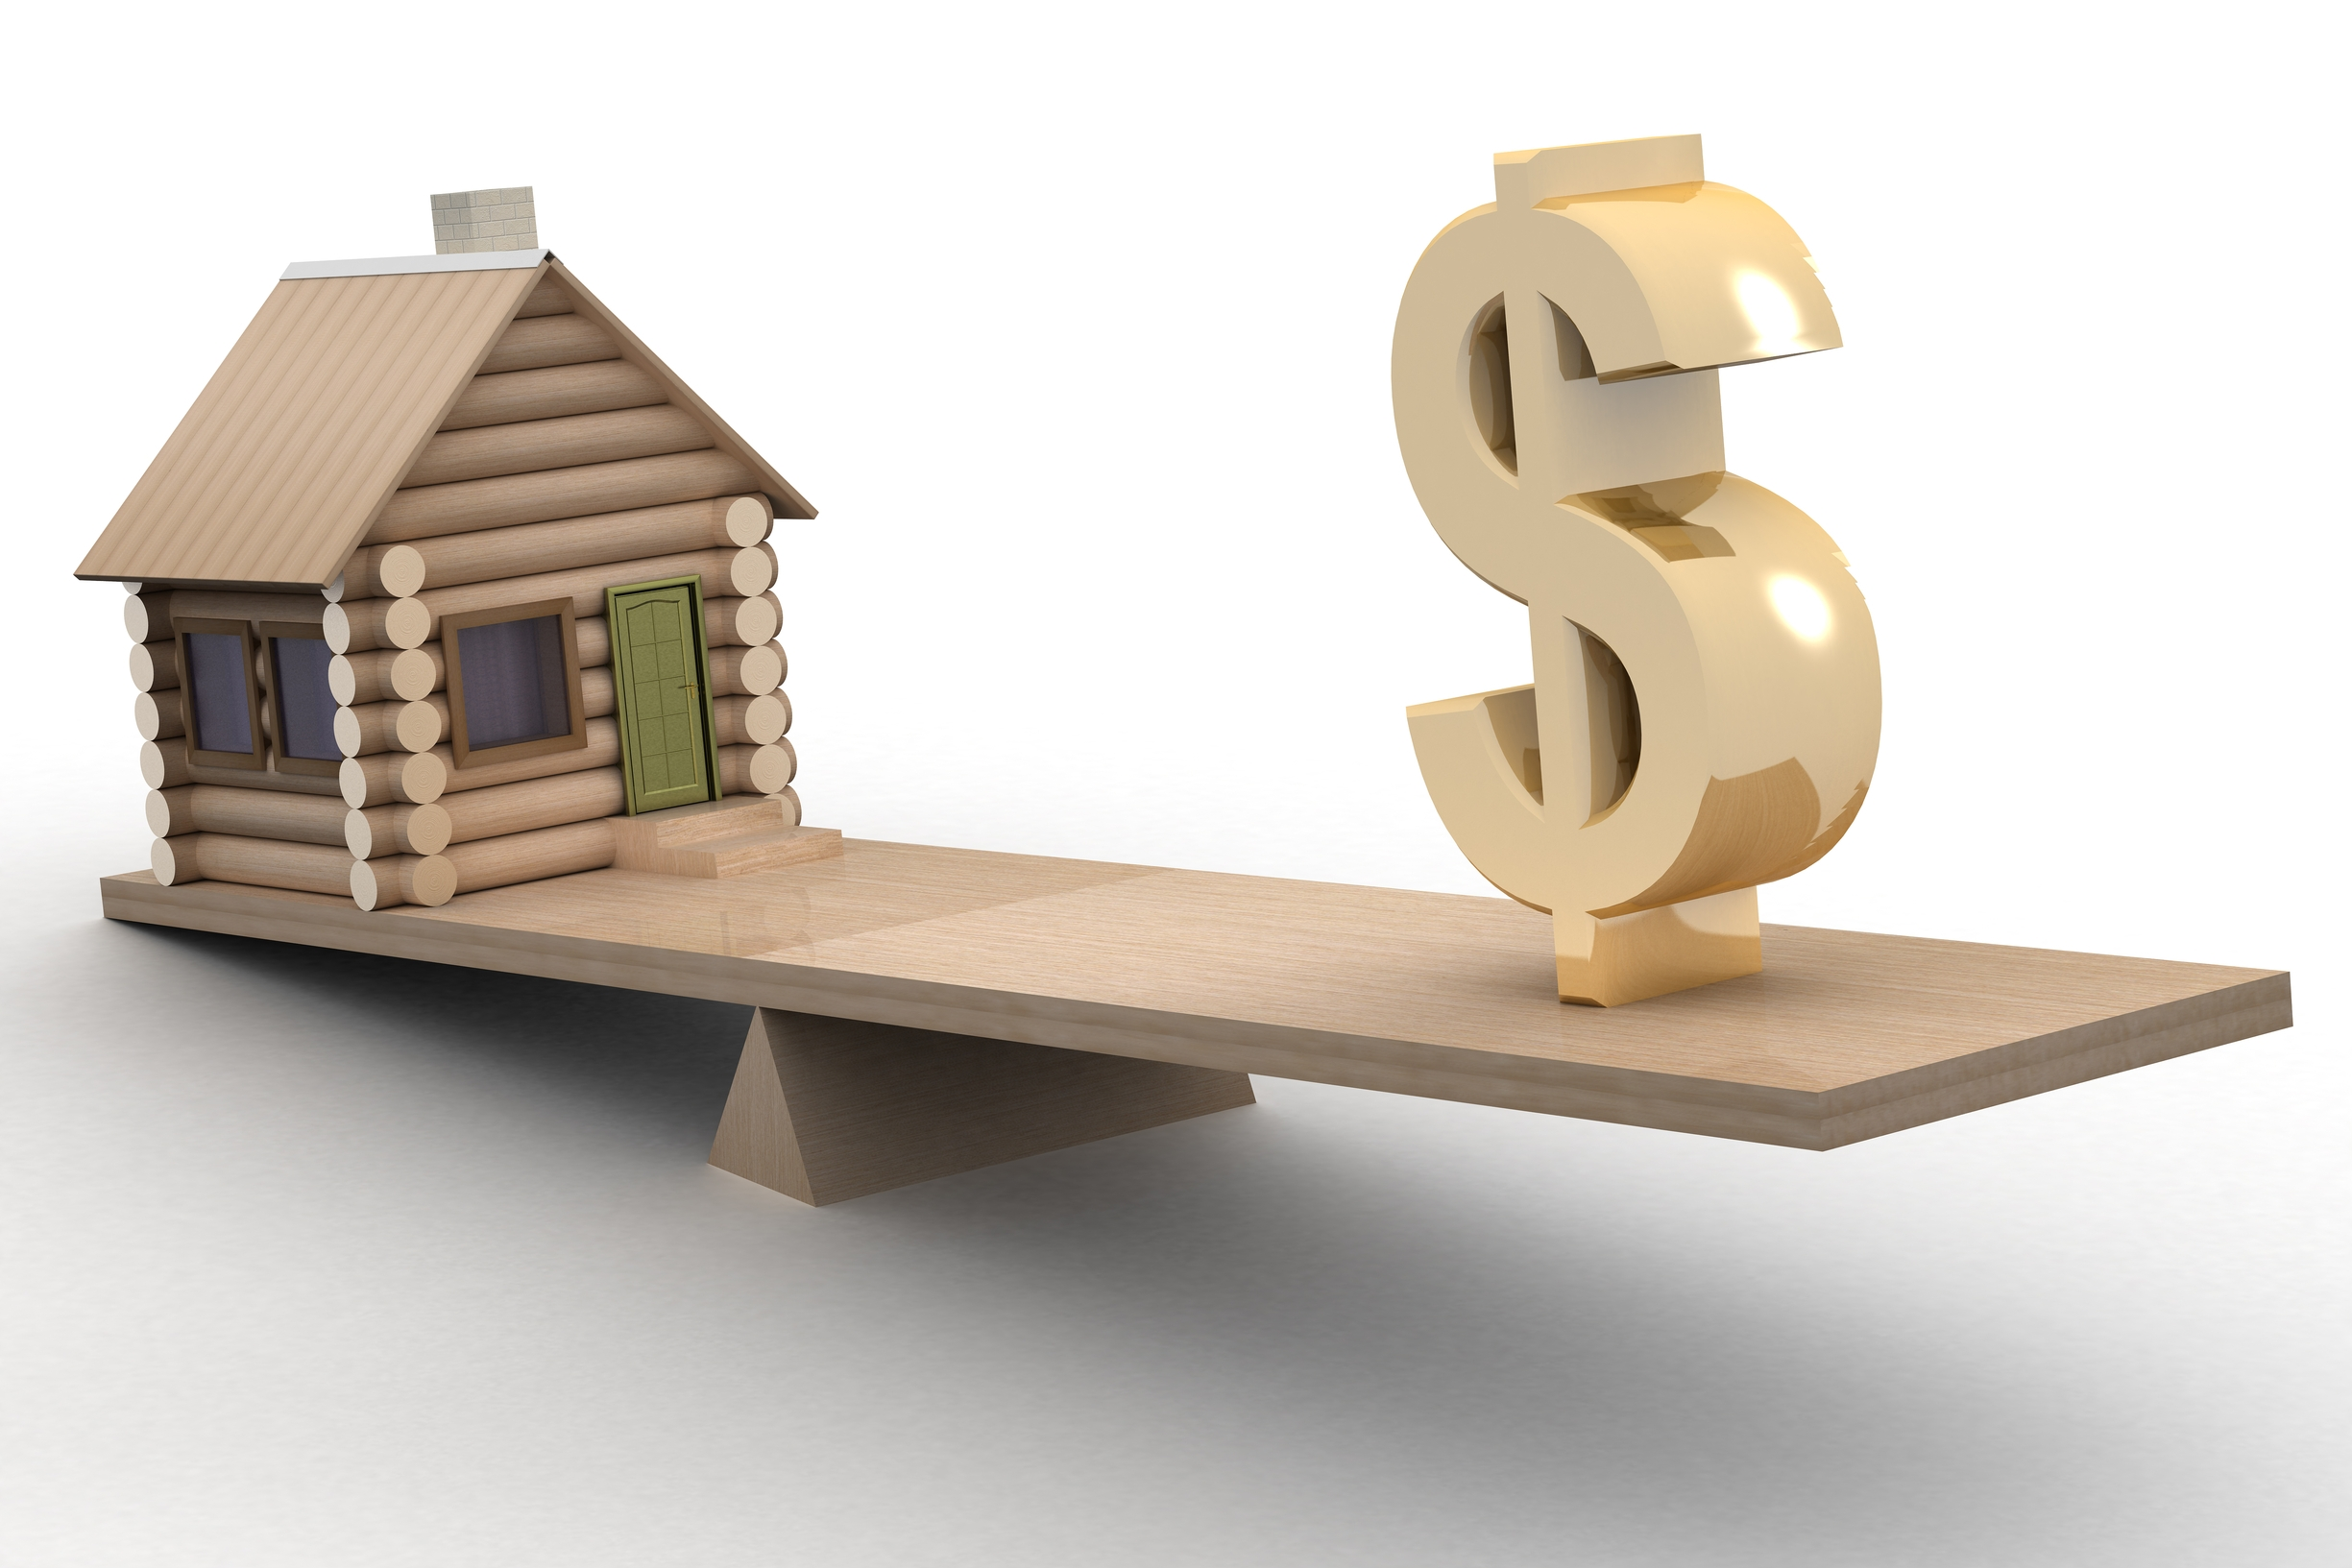 xây nhà 1 trệt 1 lầu giá bao nhiêu tiền là hợp lý